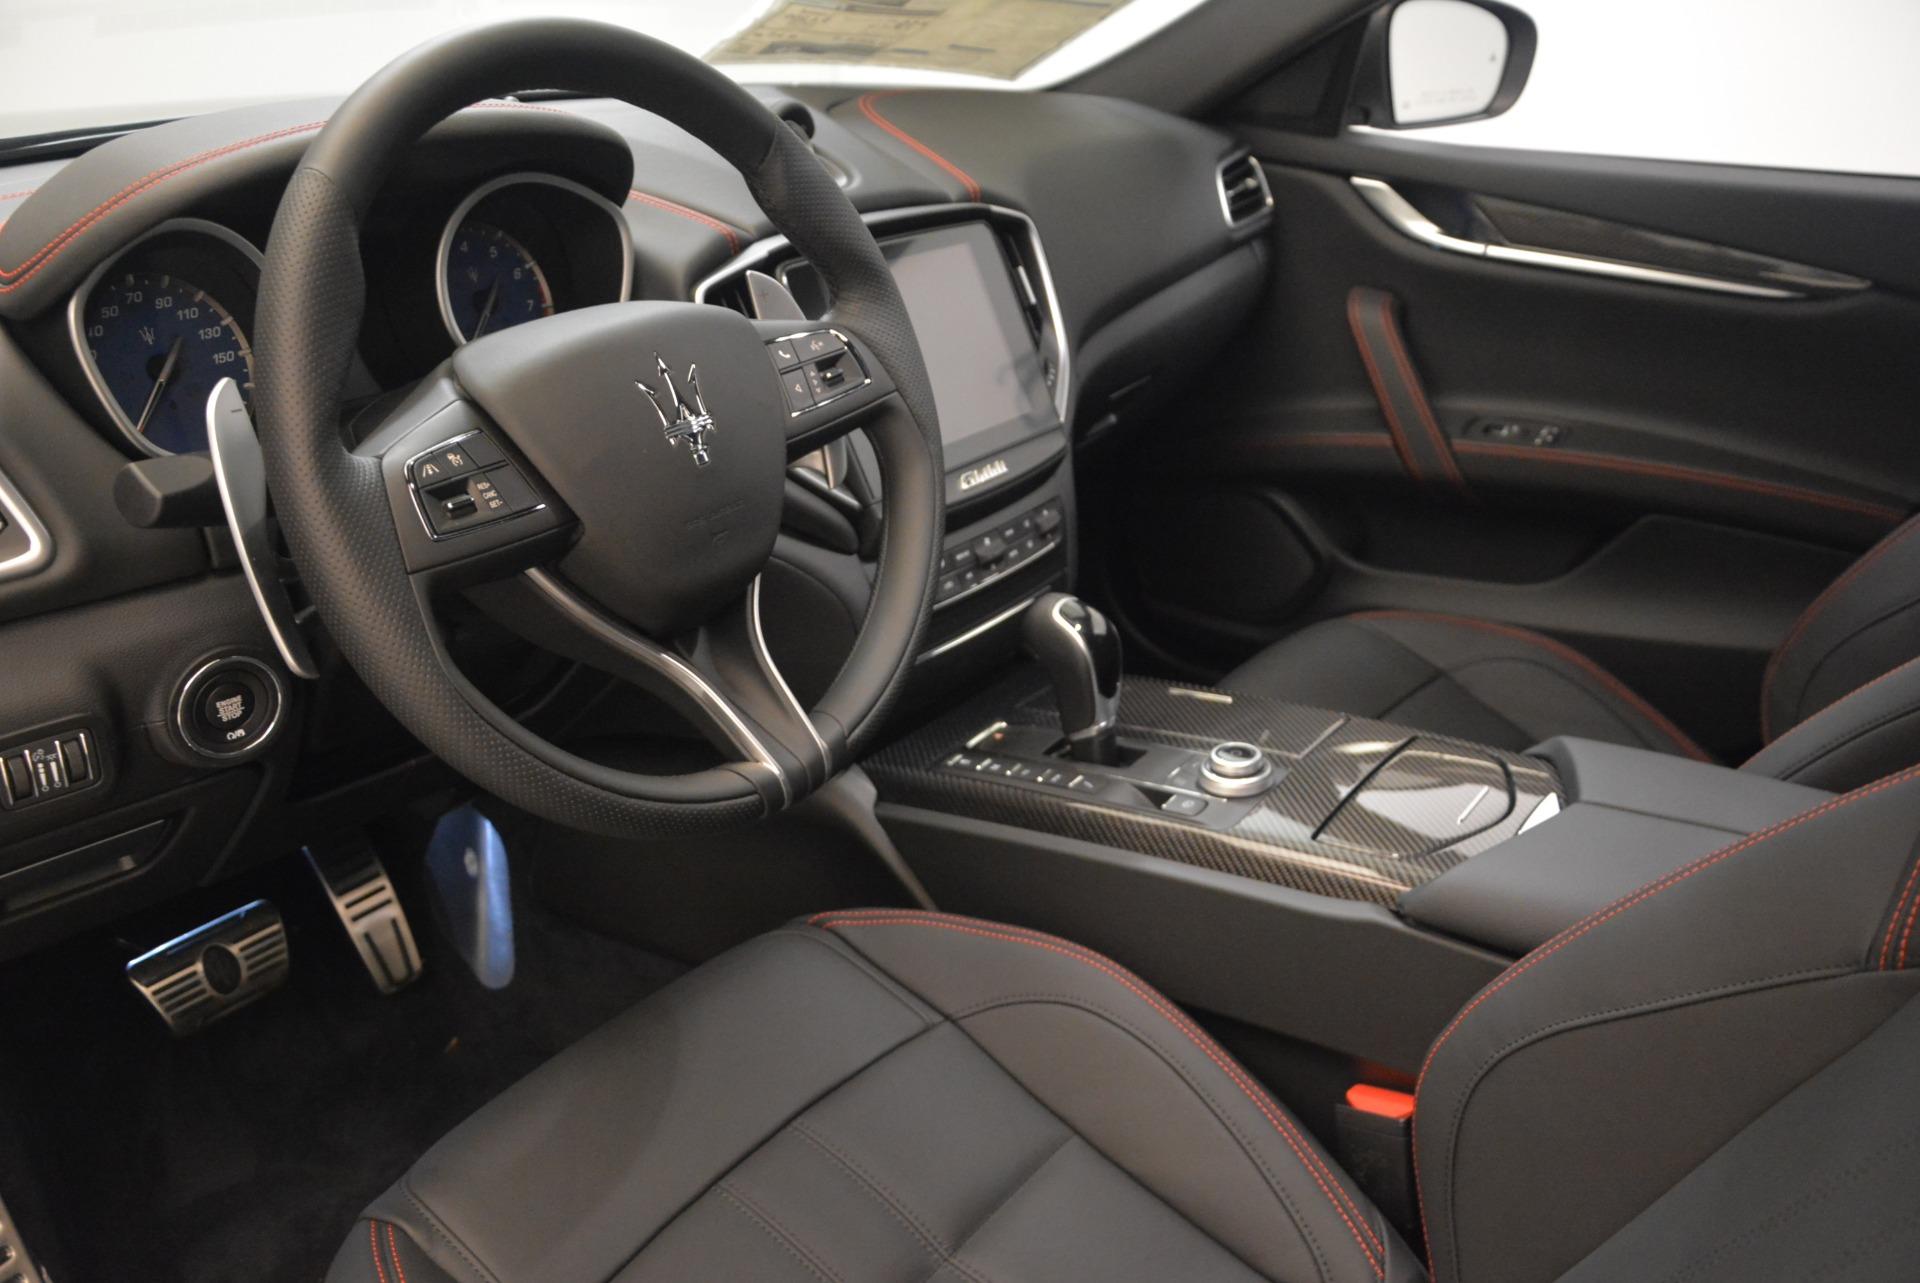 New 2018 Maserati Ghibli SQ4 GranSport Nerissimo For Sale In Greenwich, CT 2278_p13